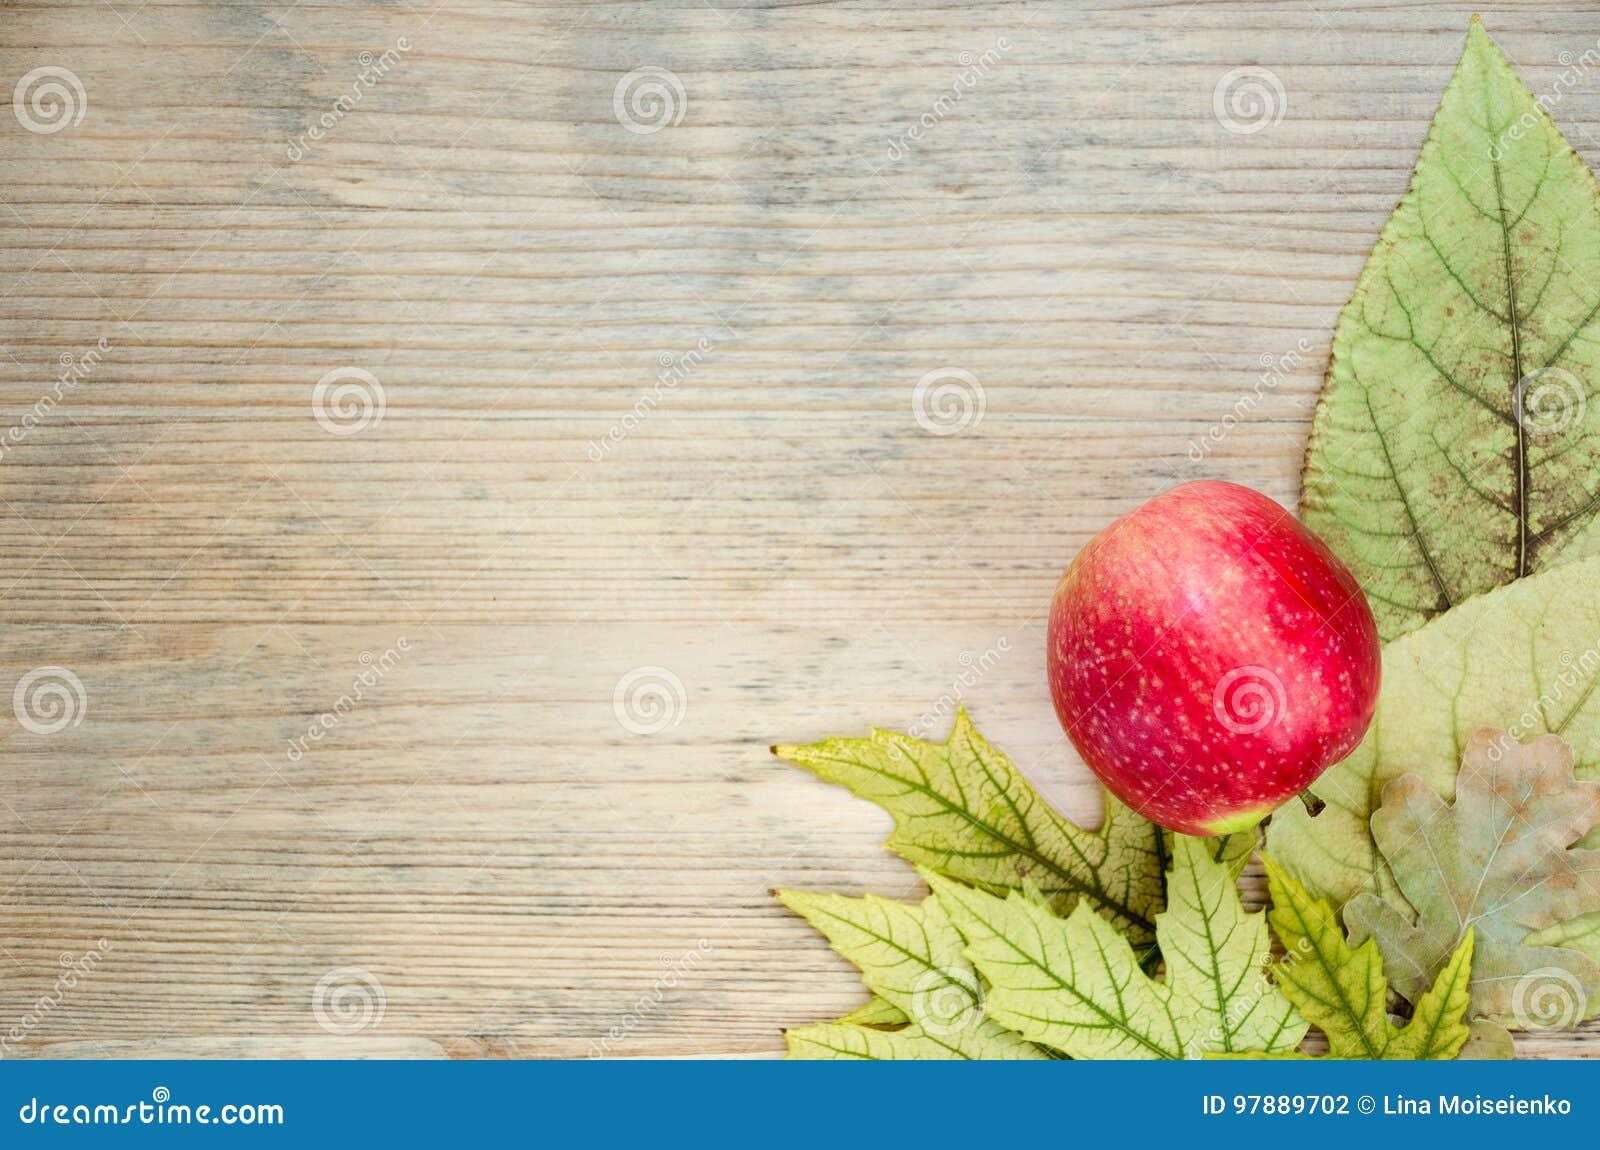 Cartolina colorata di autunno - angolo decorato con la mela rossa matura sulle foglie di autunno gialle Priorità bassa di legno